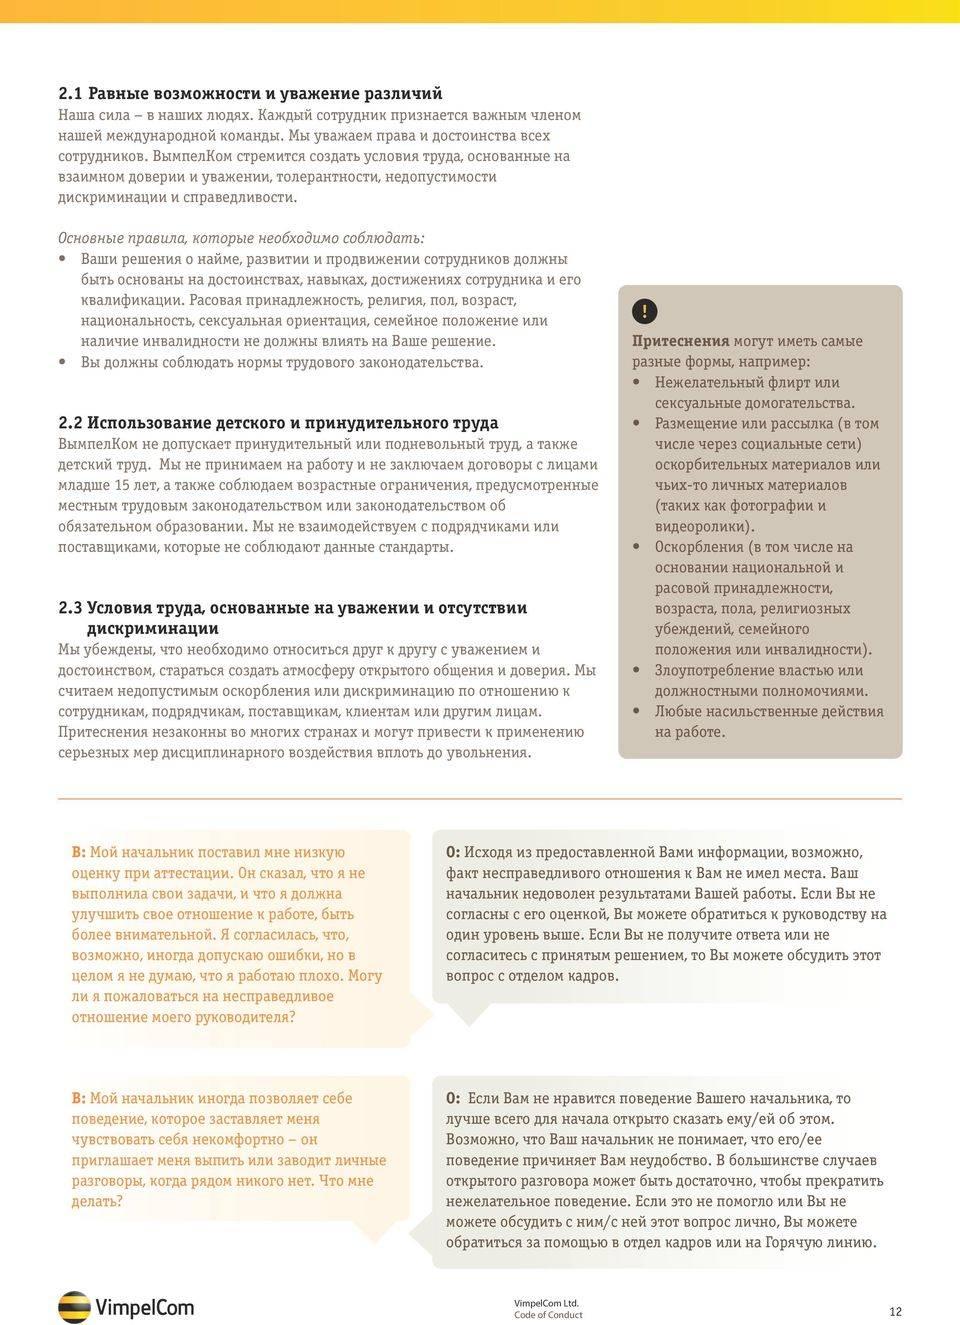 Правила общения руководителя и подчинённых